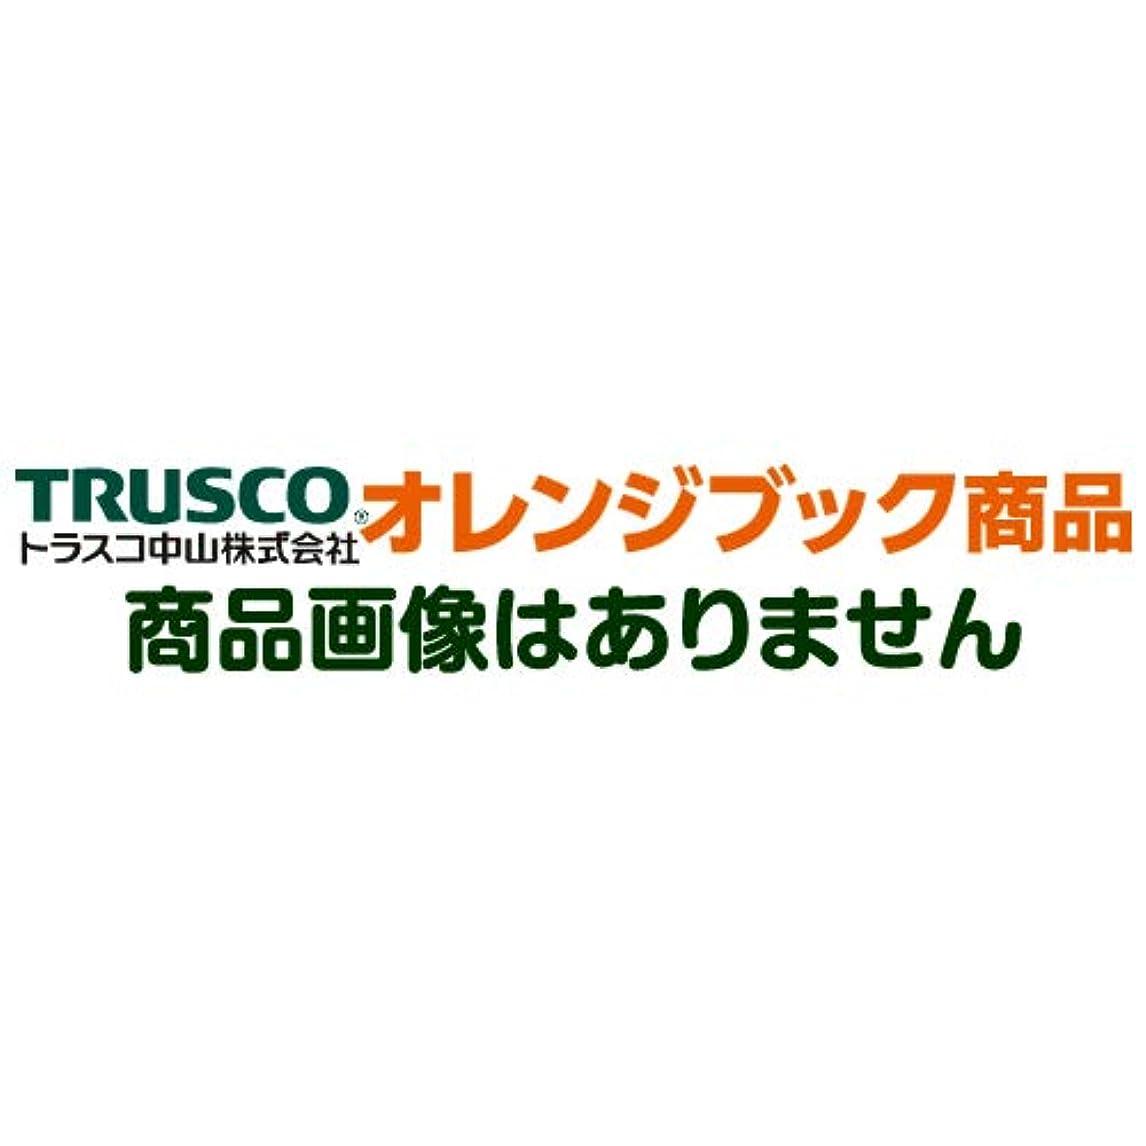 作動する内訳再発するTRUSCO 三菱K 三菱 バイオレット高精度ドリル 汎用 ショート 1.28mm VAPDSD0128